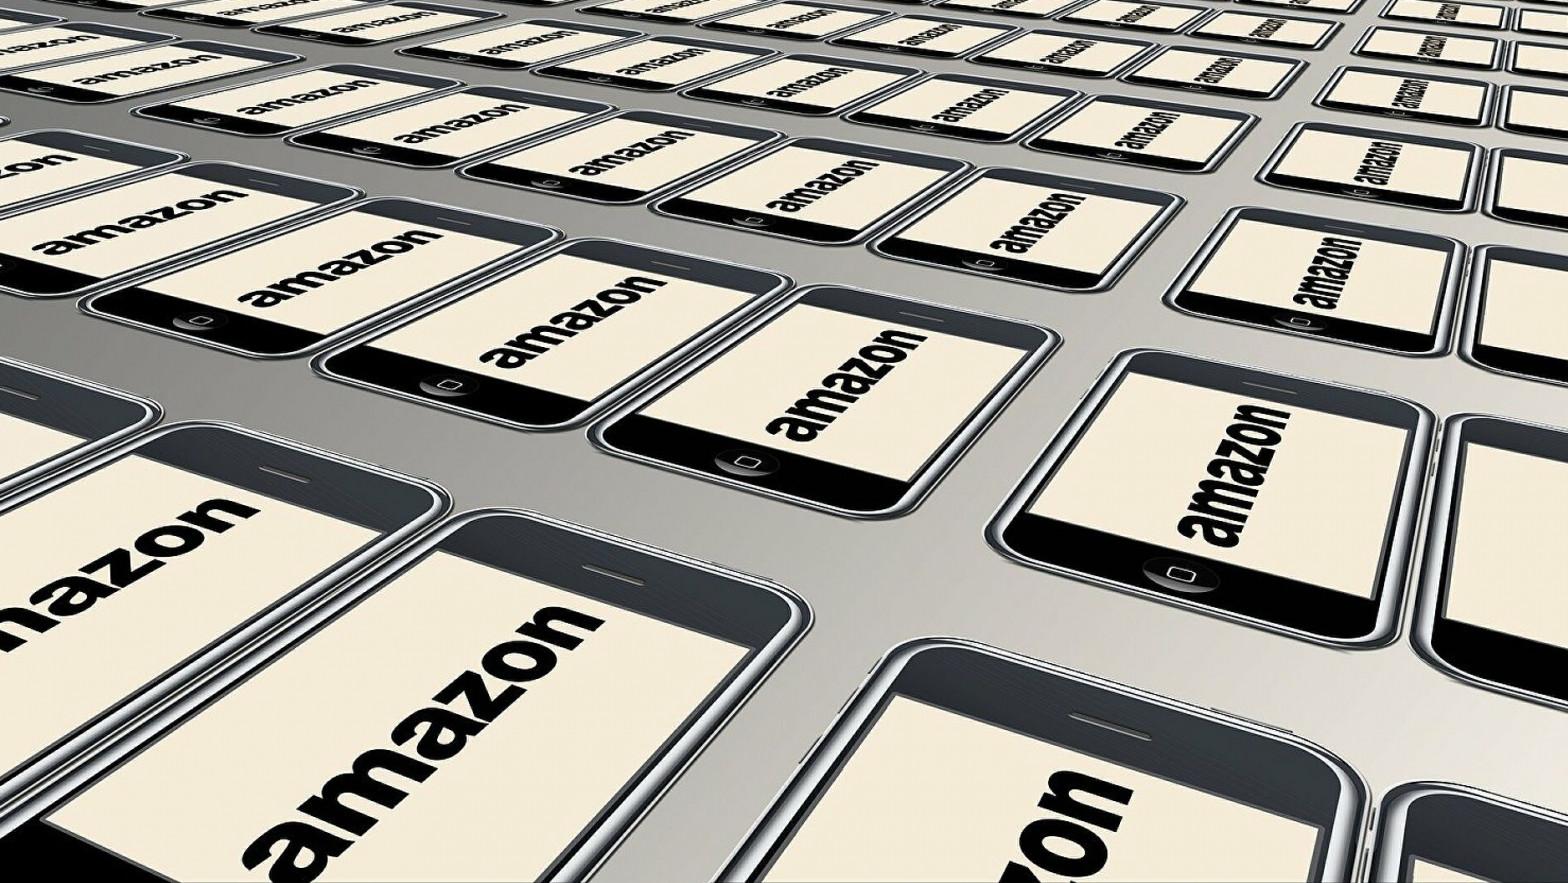 Amazon prevé crear este año 3.000 empleos en España, hasta 15.000 trabajadores